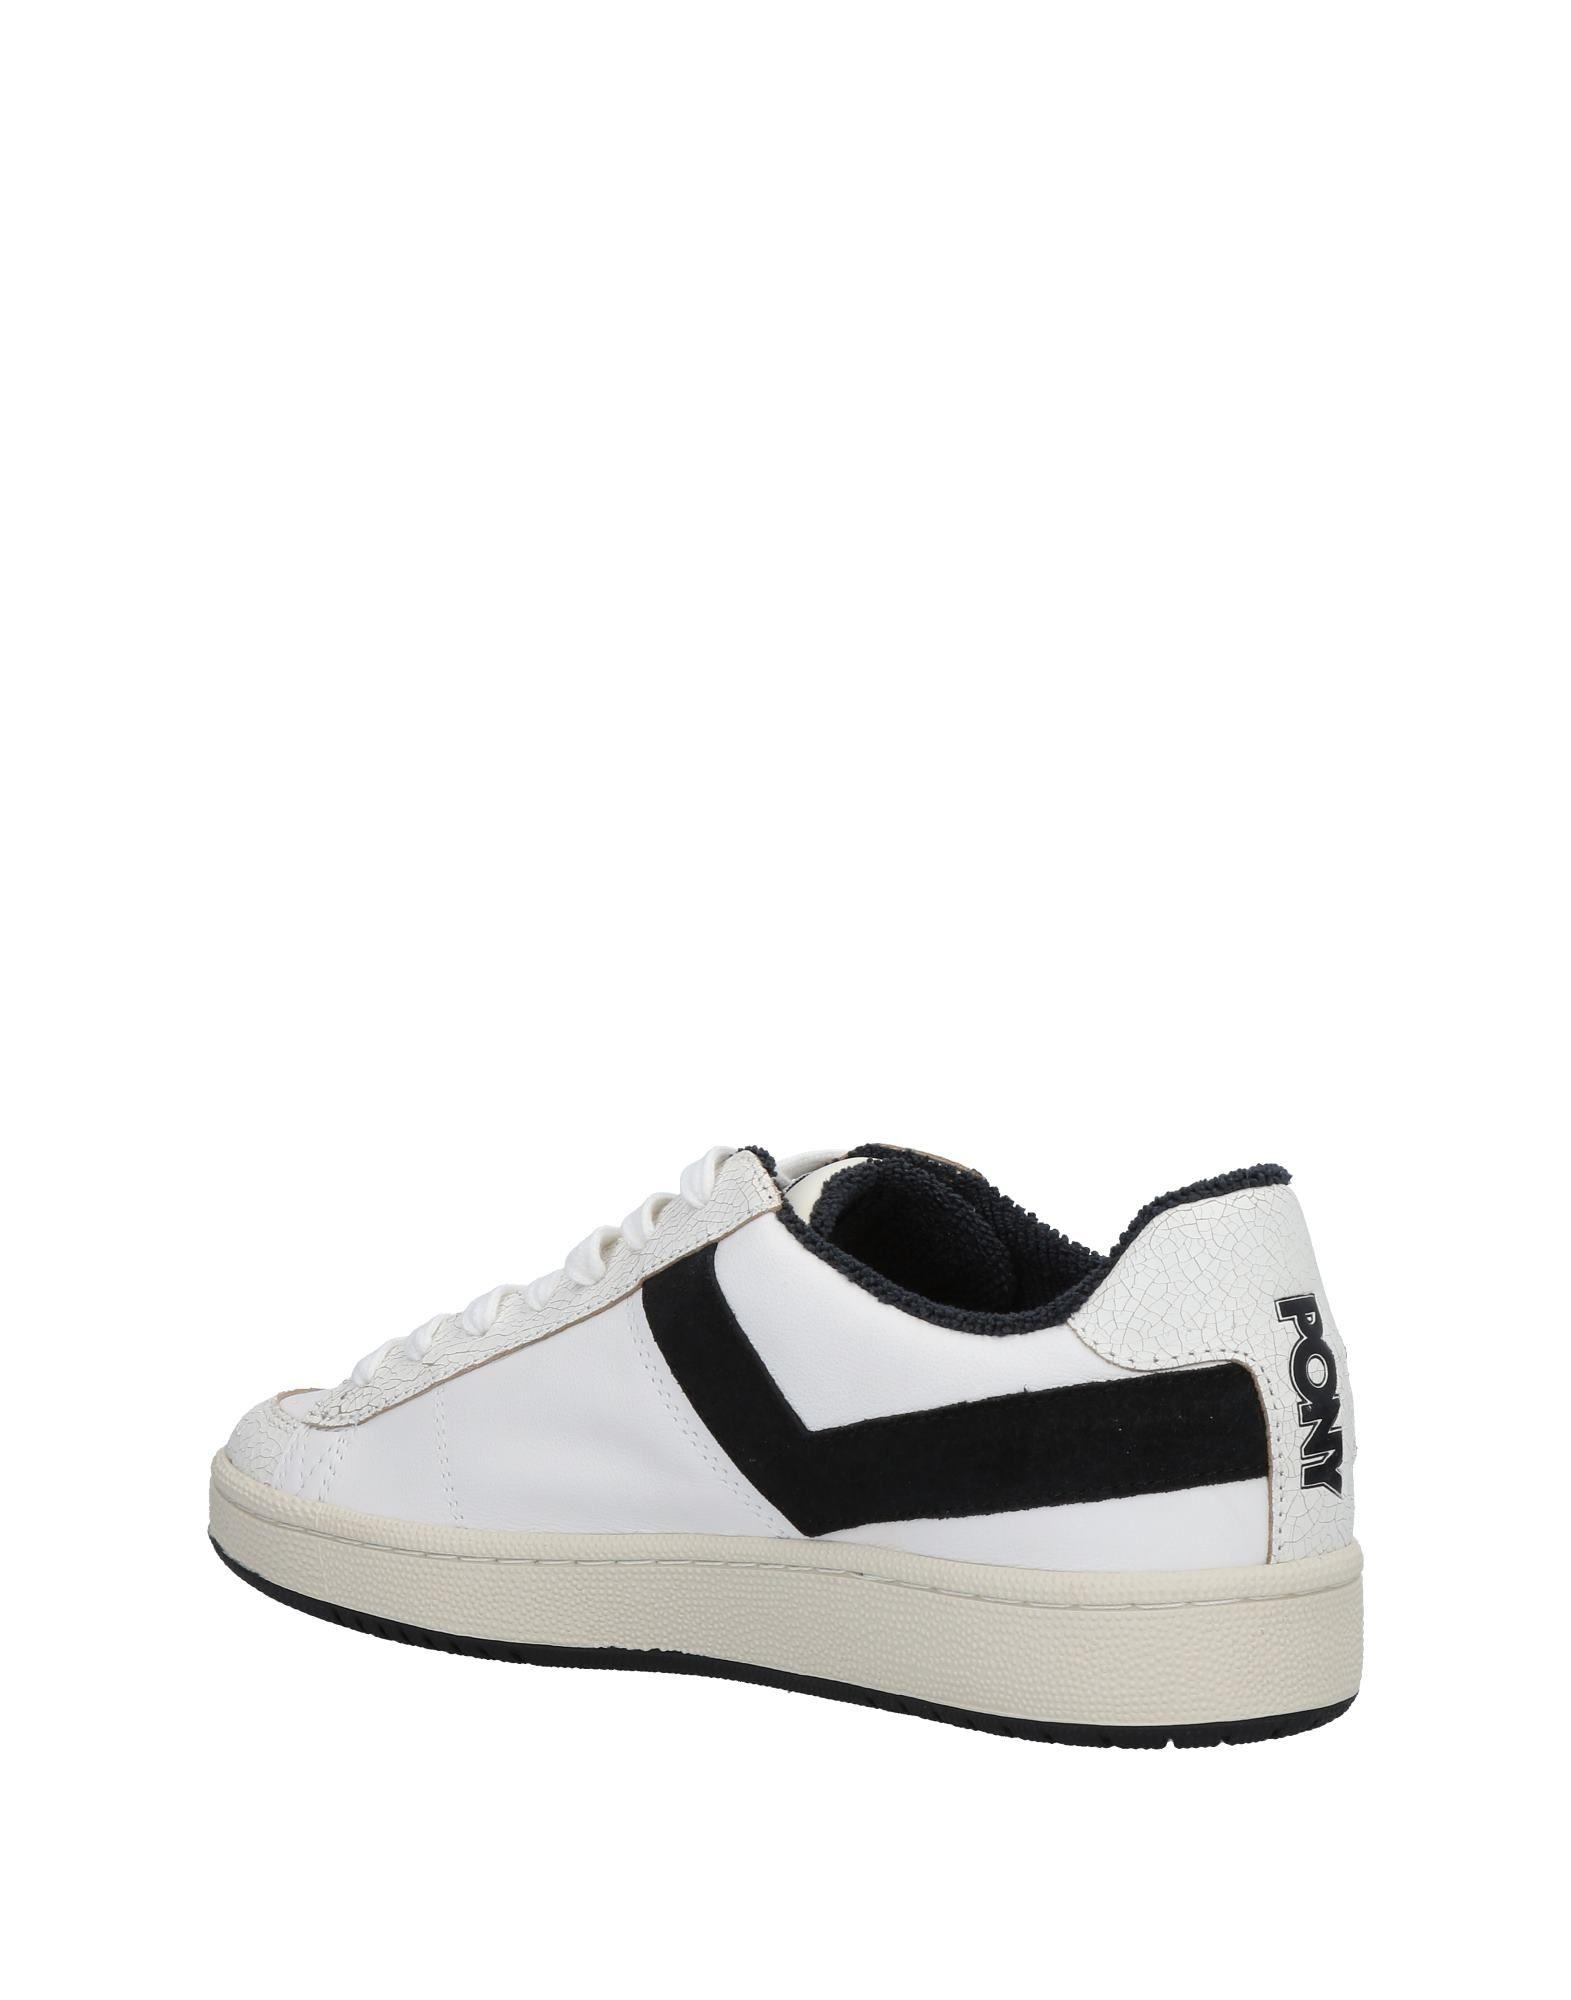 Herren Pony Sneakers Herren   11489998KO Heiße Schuhe f95722